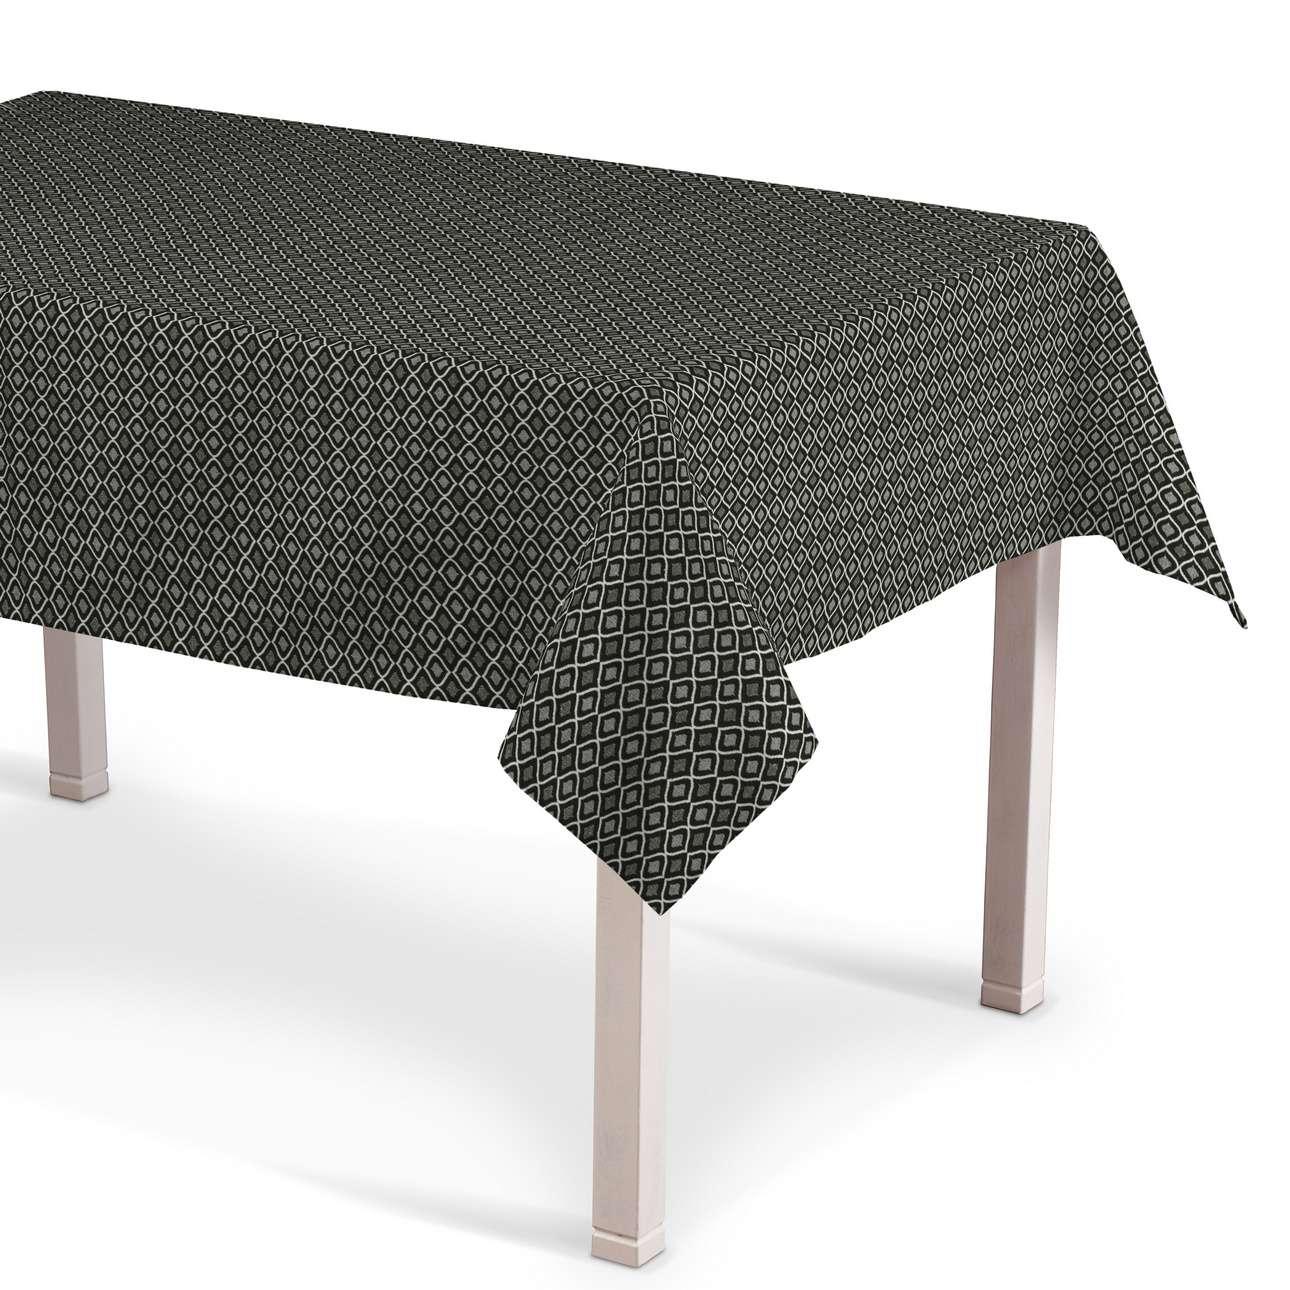 Asztalterítő téglalap alakú a kollekcióból Black & White szövet, Dekoranyag: 142-86